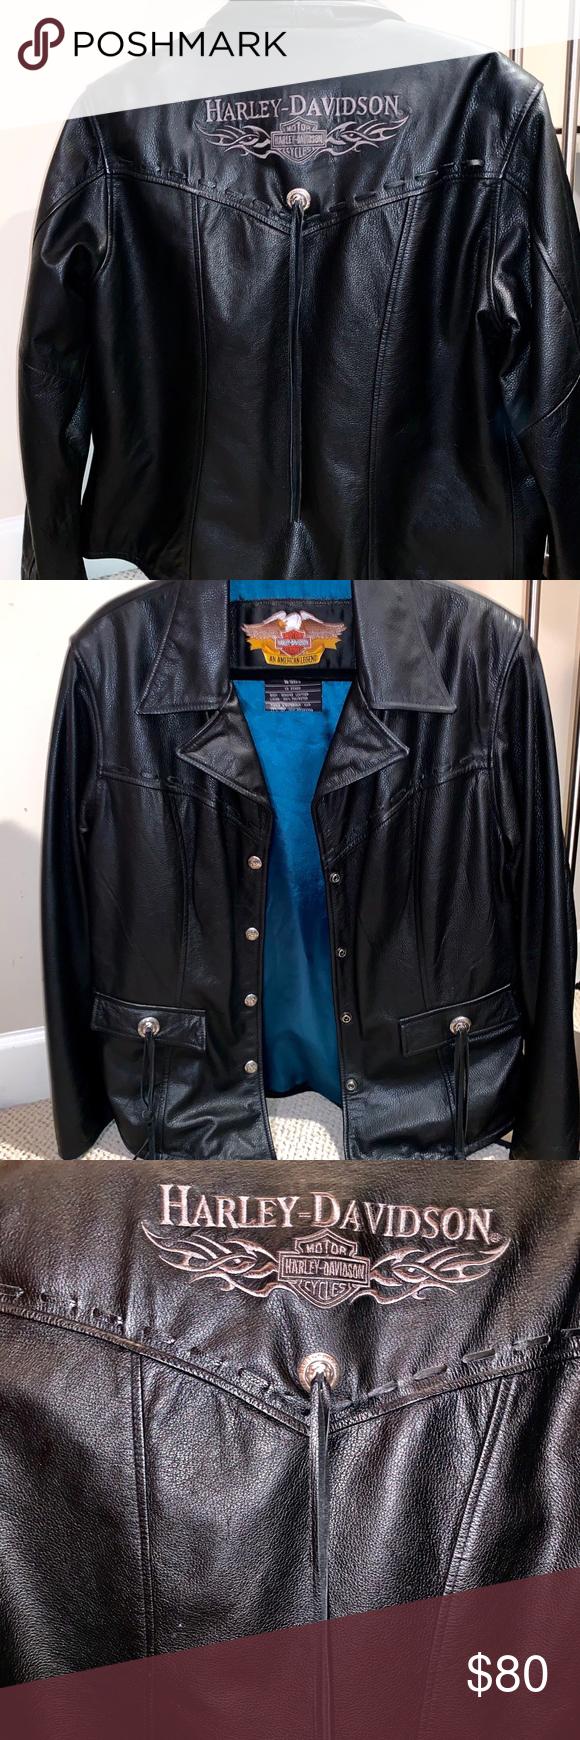 Harley Davidson Leather Jacket Vintage. HarleyDavidson